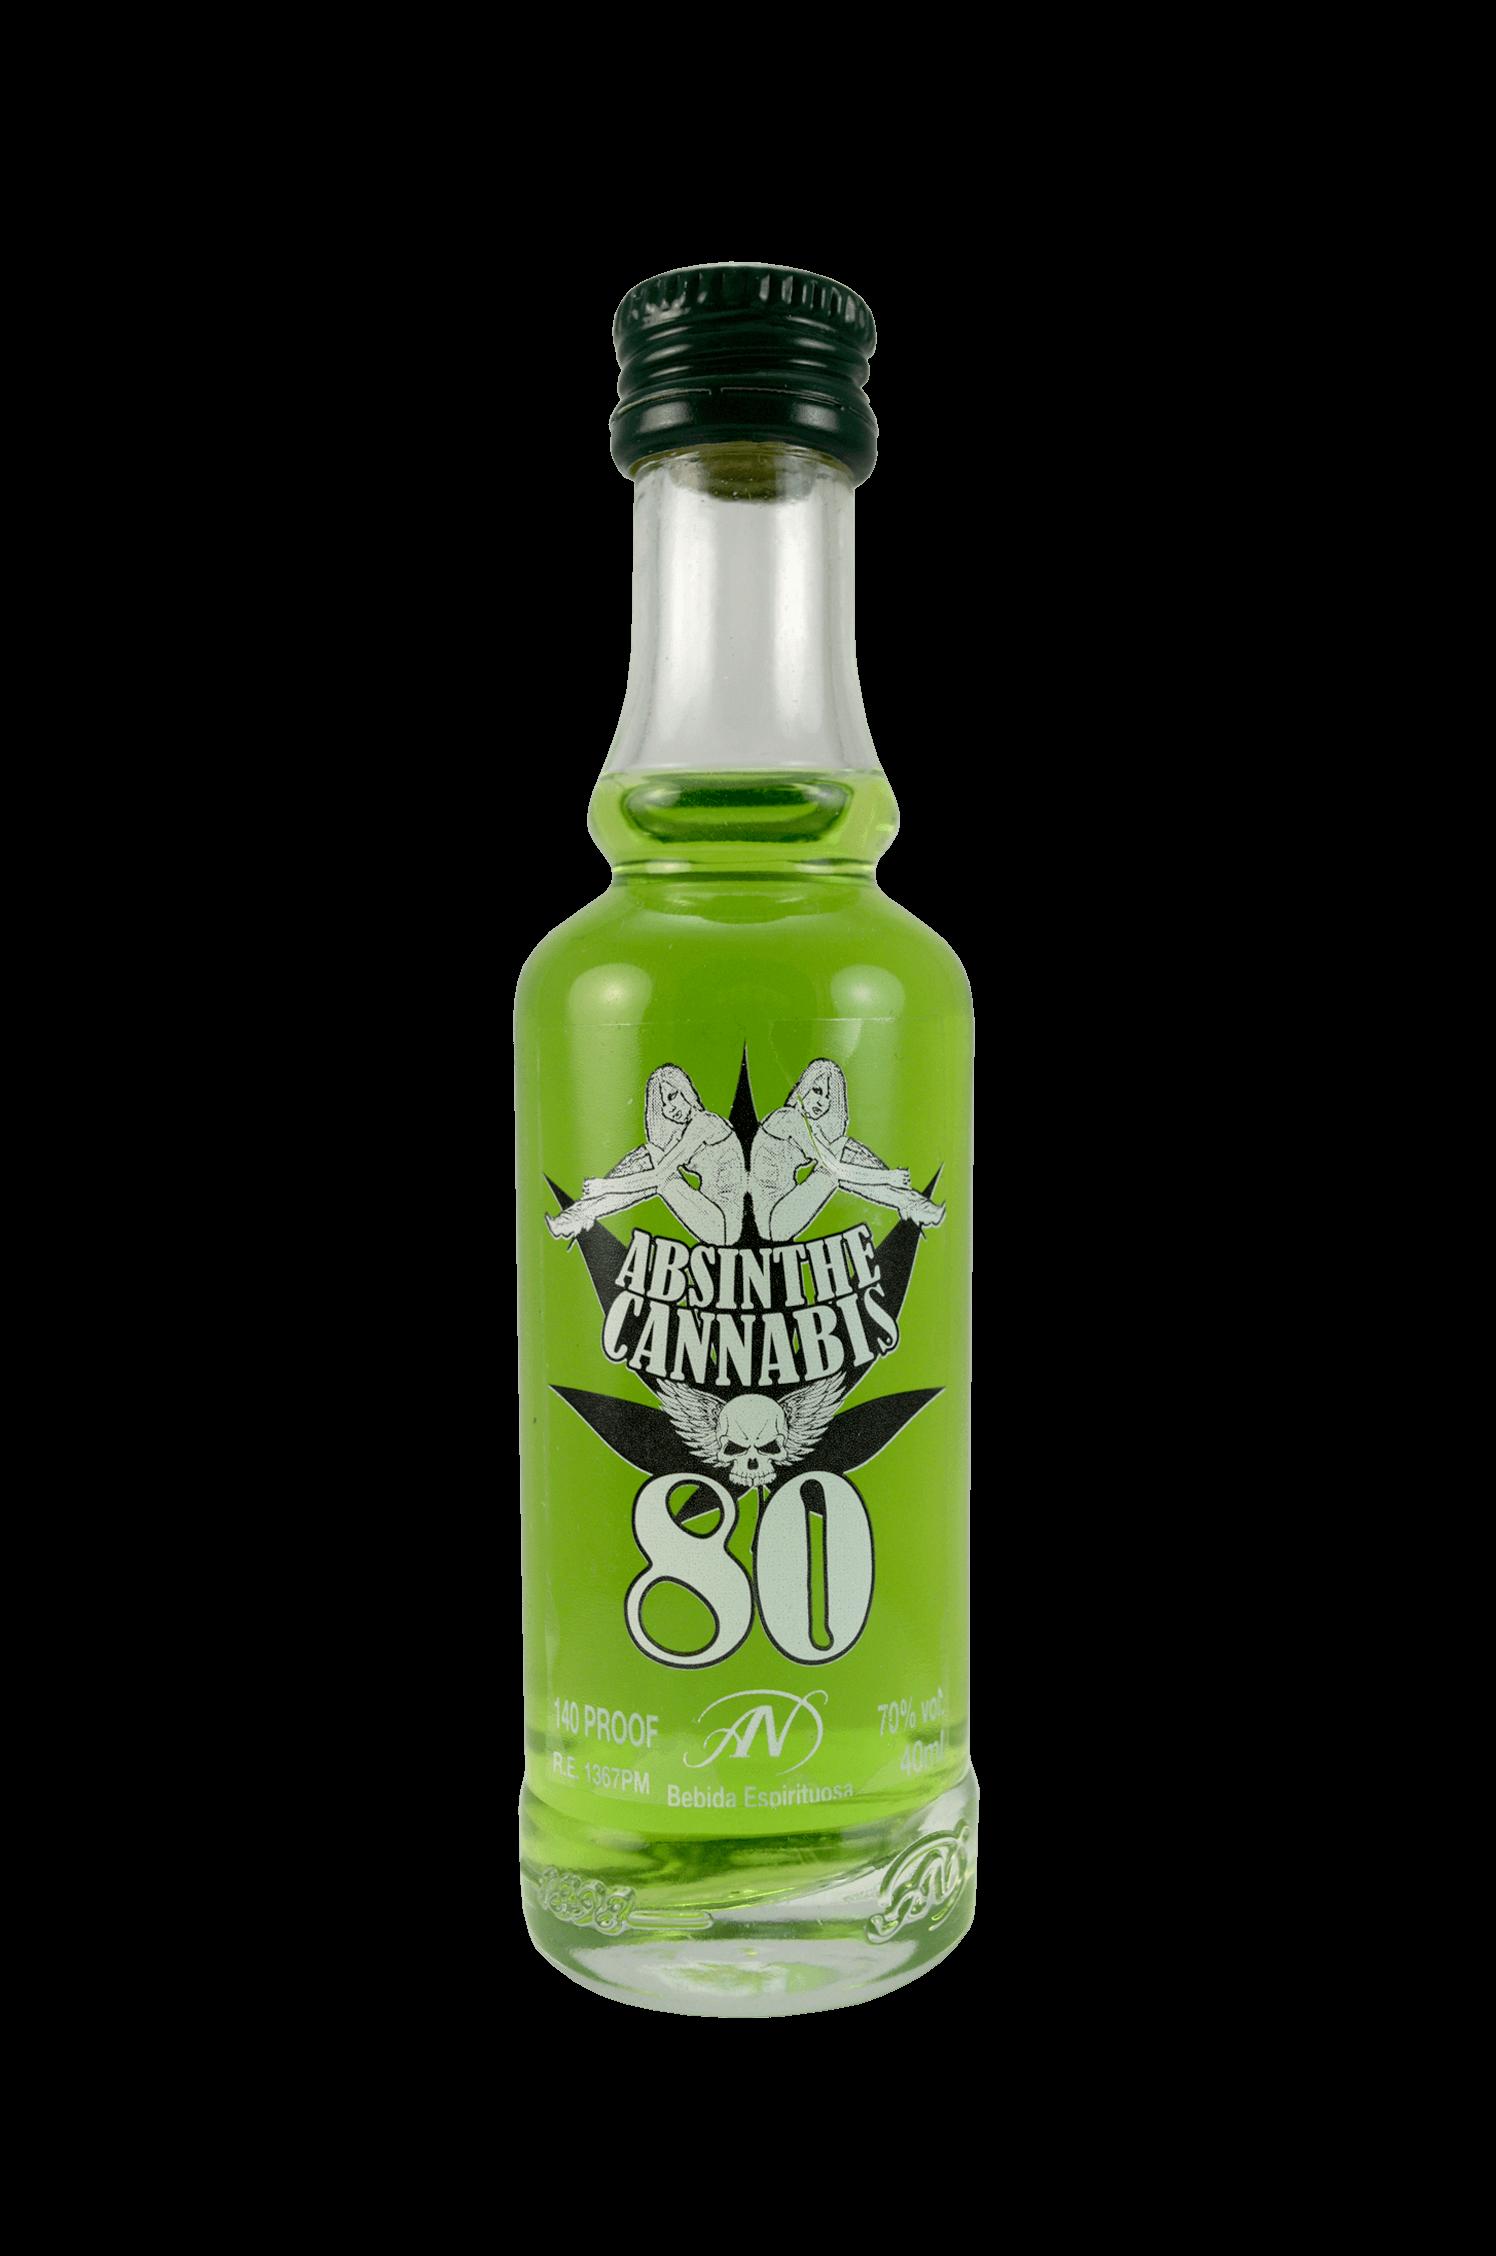 Absinthe Cannabis 80